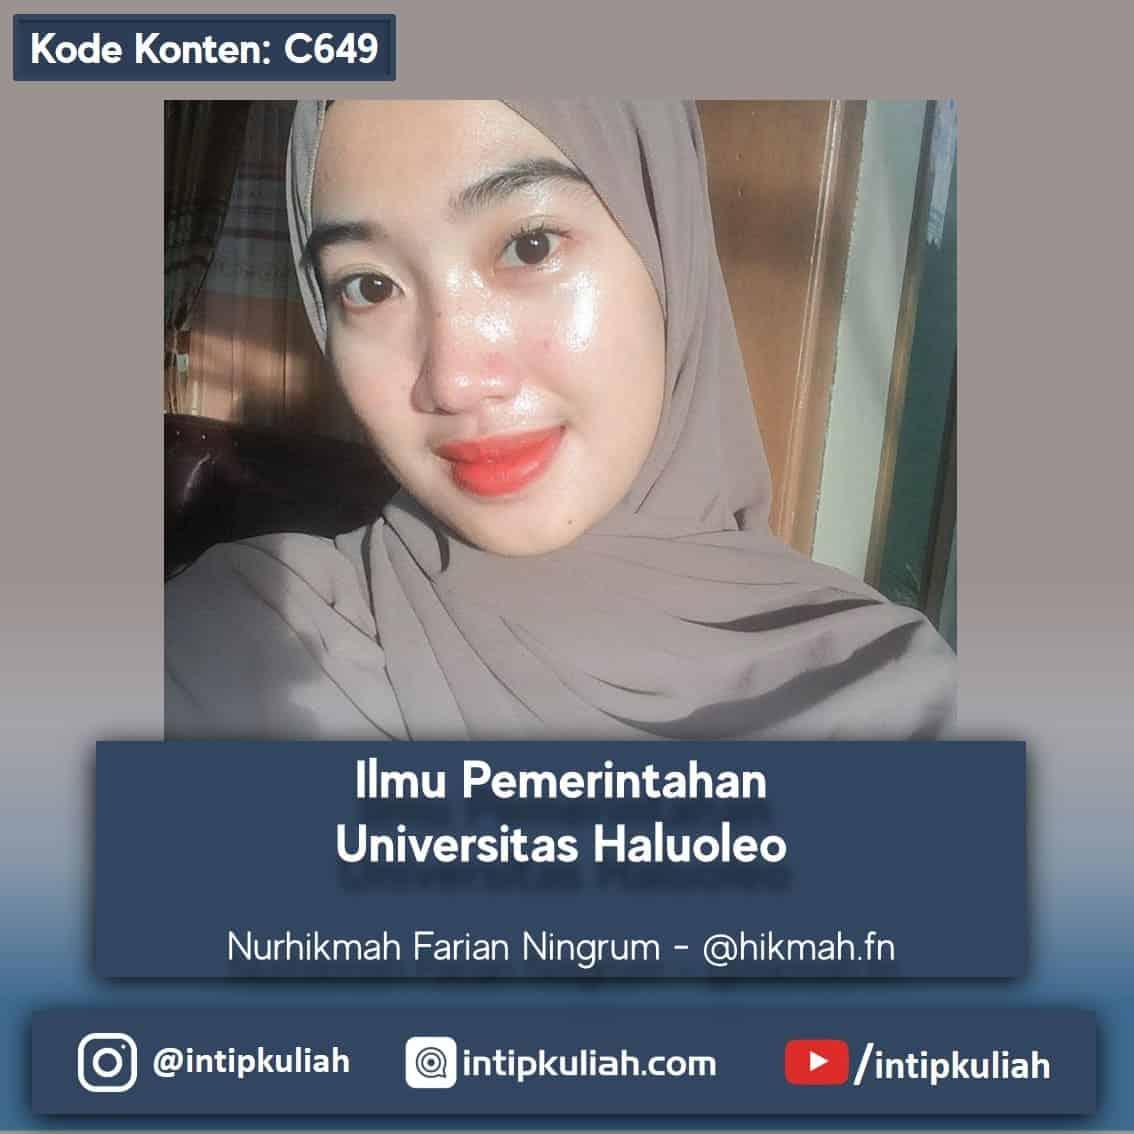 Ilmu Pemerintahan Universitas Haluoleo (Nurhikmah)